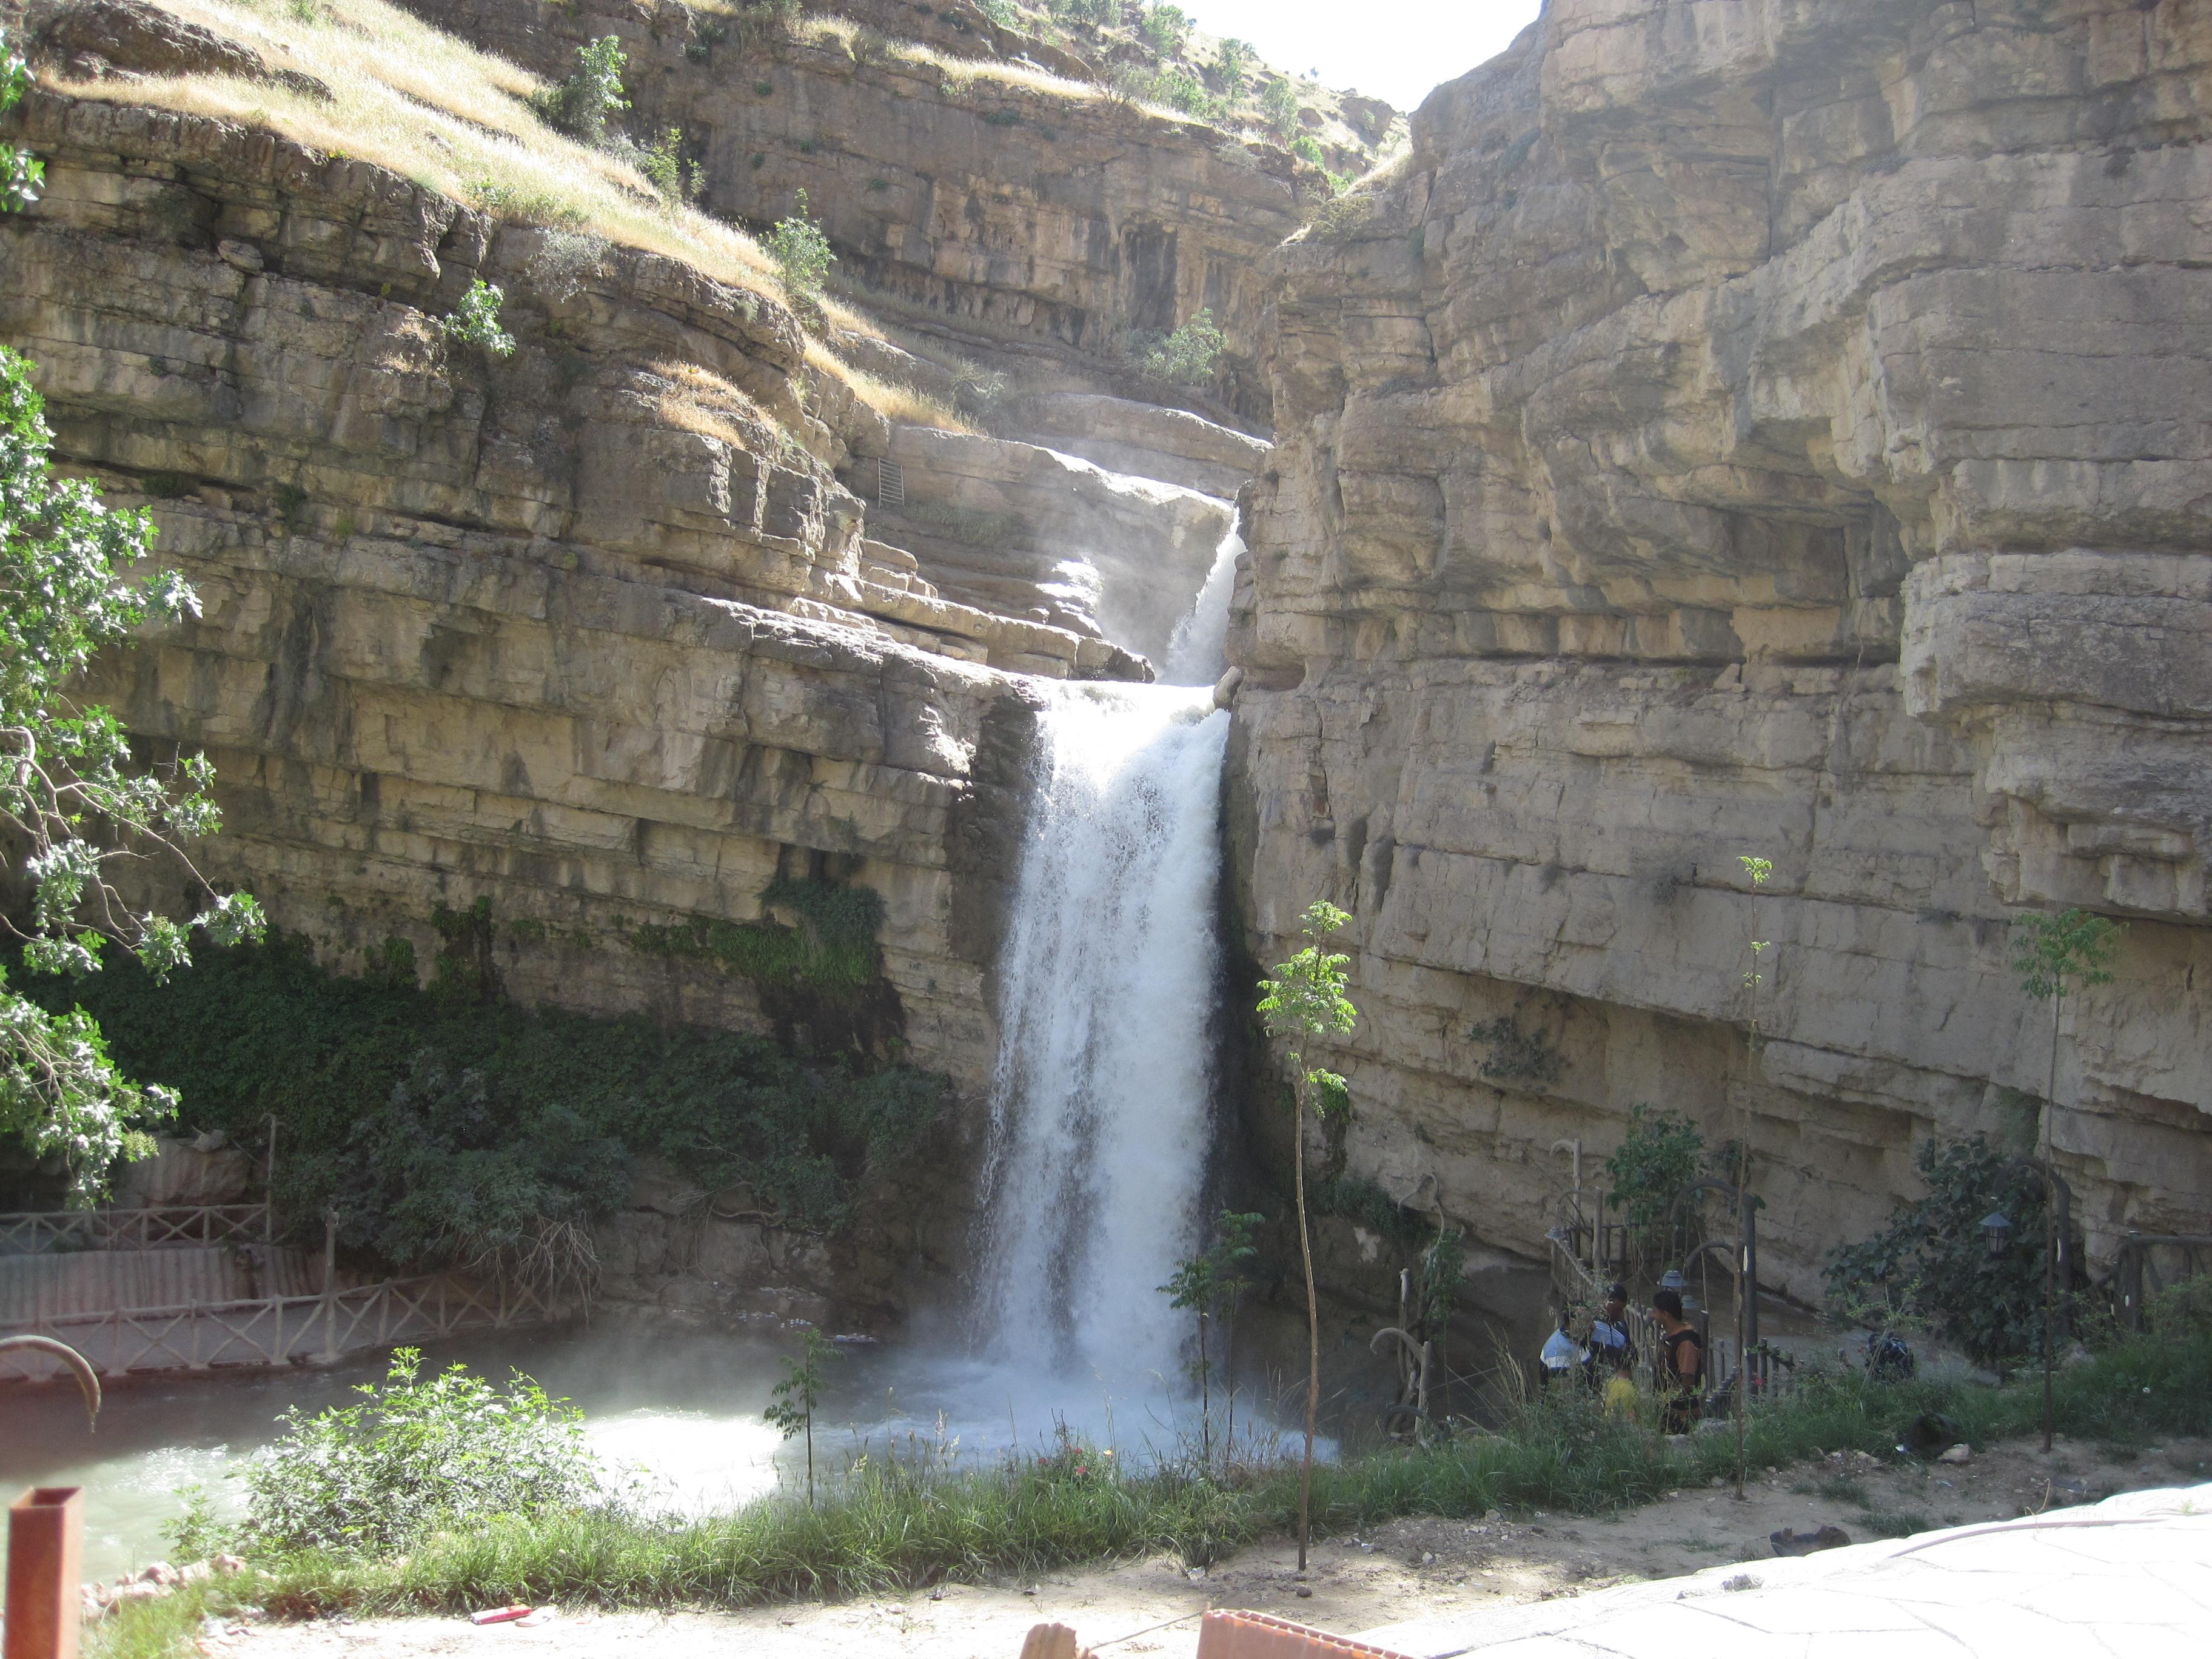 The falls at Gal-i Ali Beg